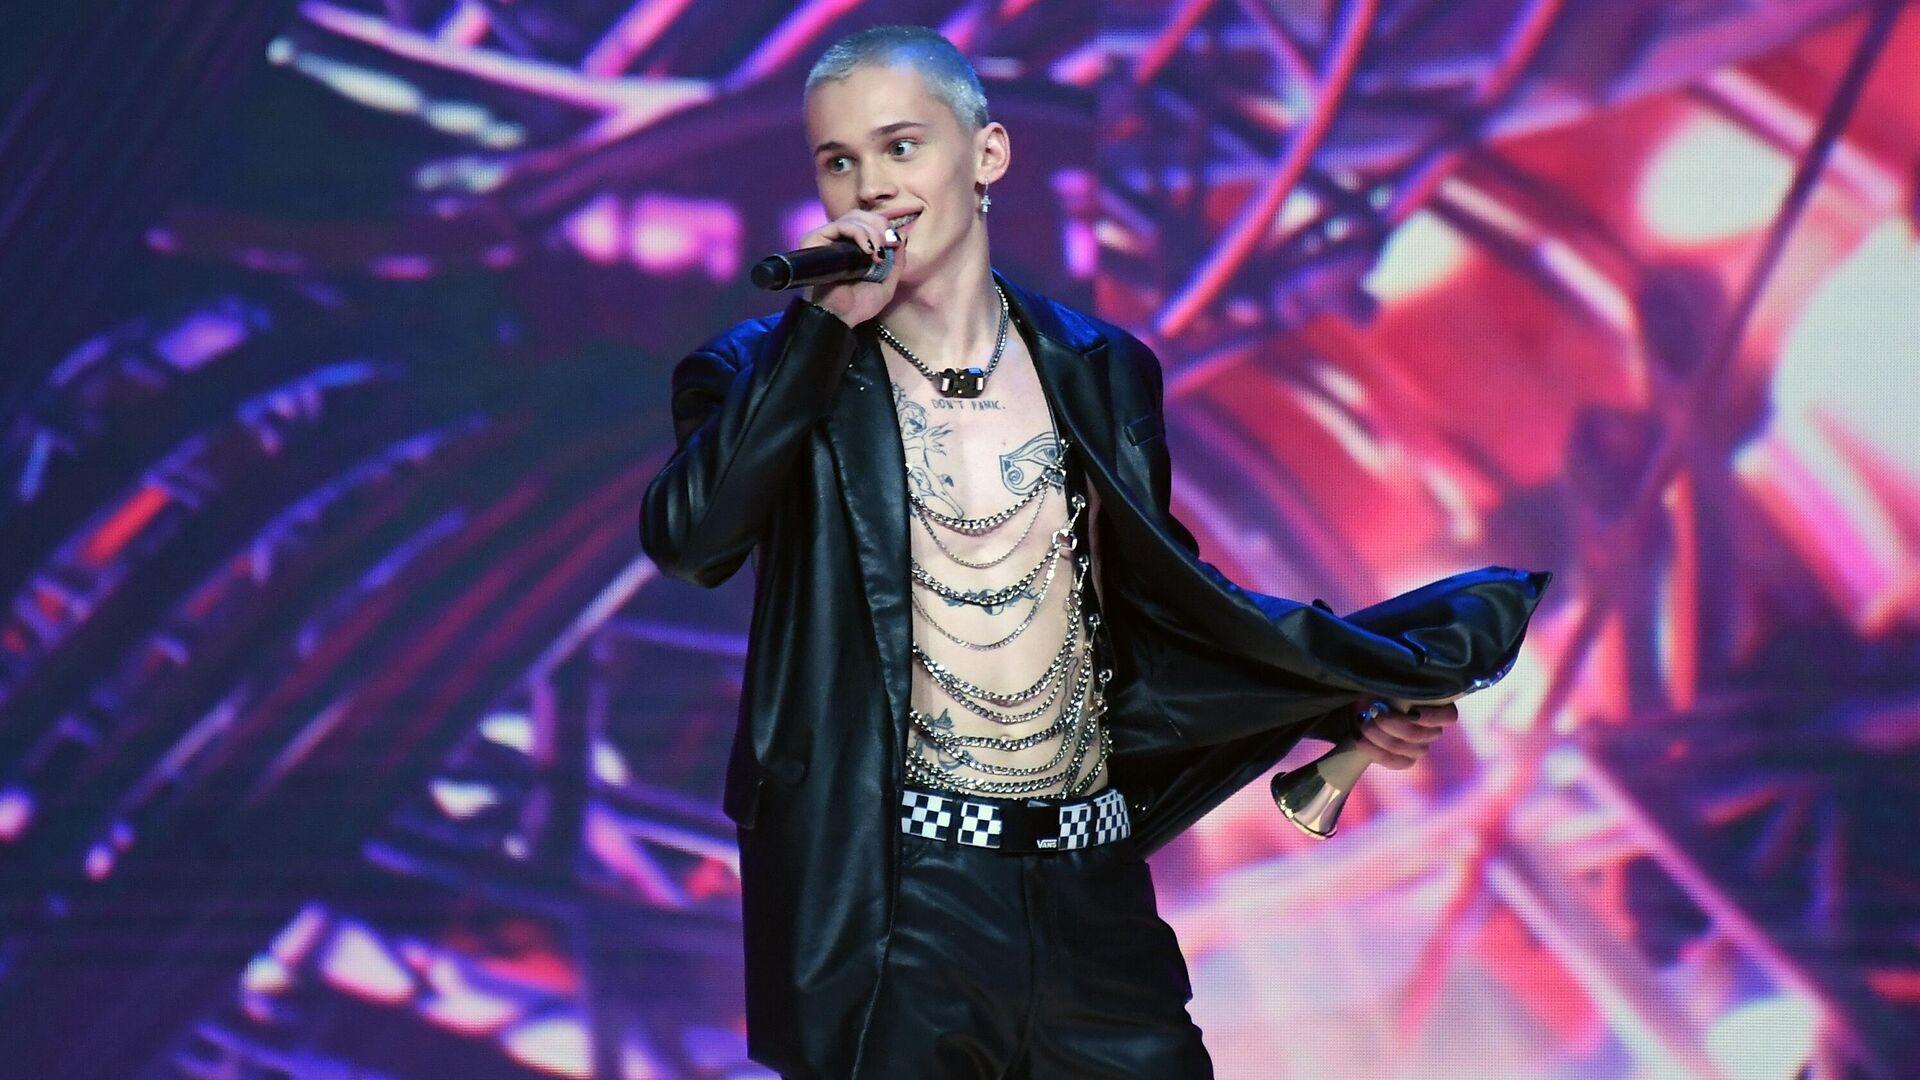 Блогер, рэп-исполнитель Даниил Милохин на III церемонии награждения музыкальной премии Жара Music Awards в Crocus City Hall - РИА Новости, 1920, 20.05.2021